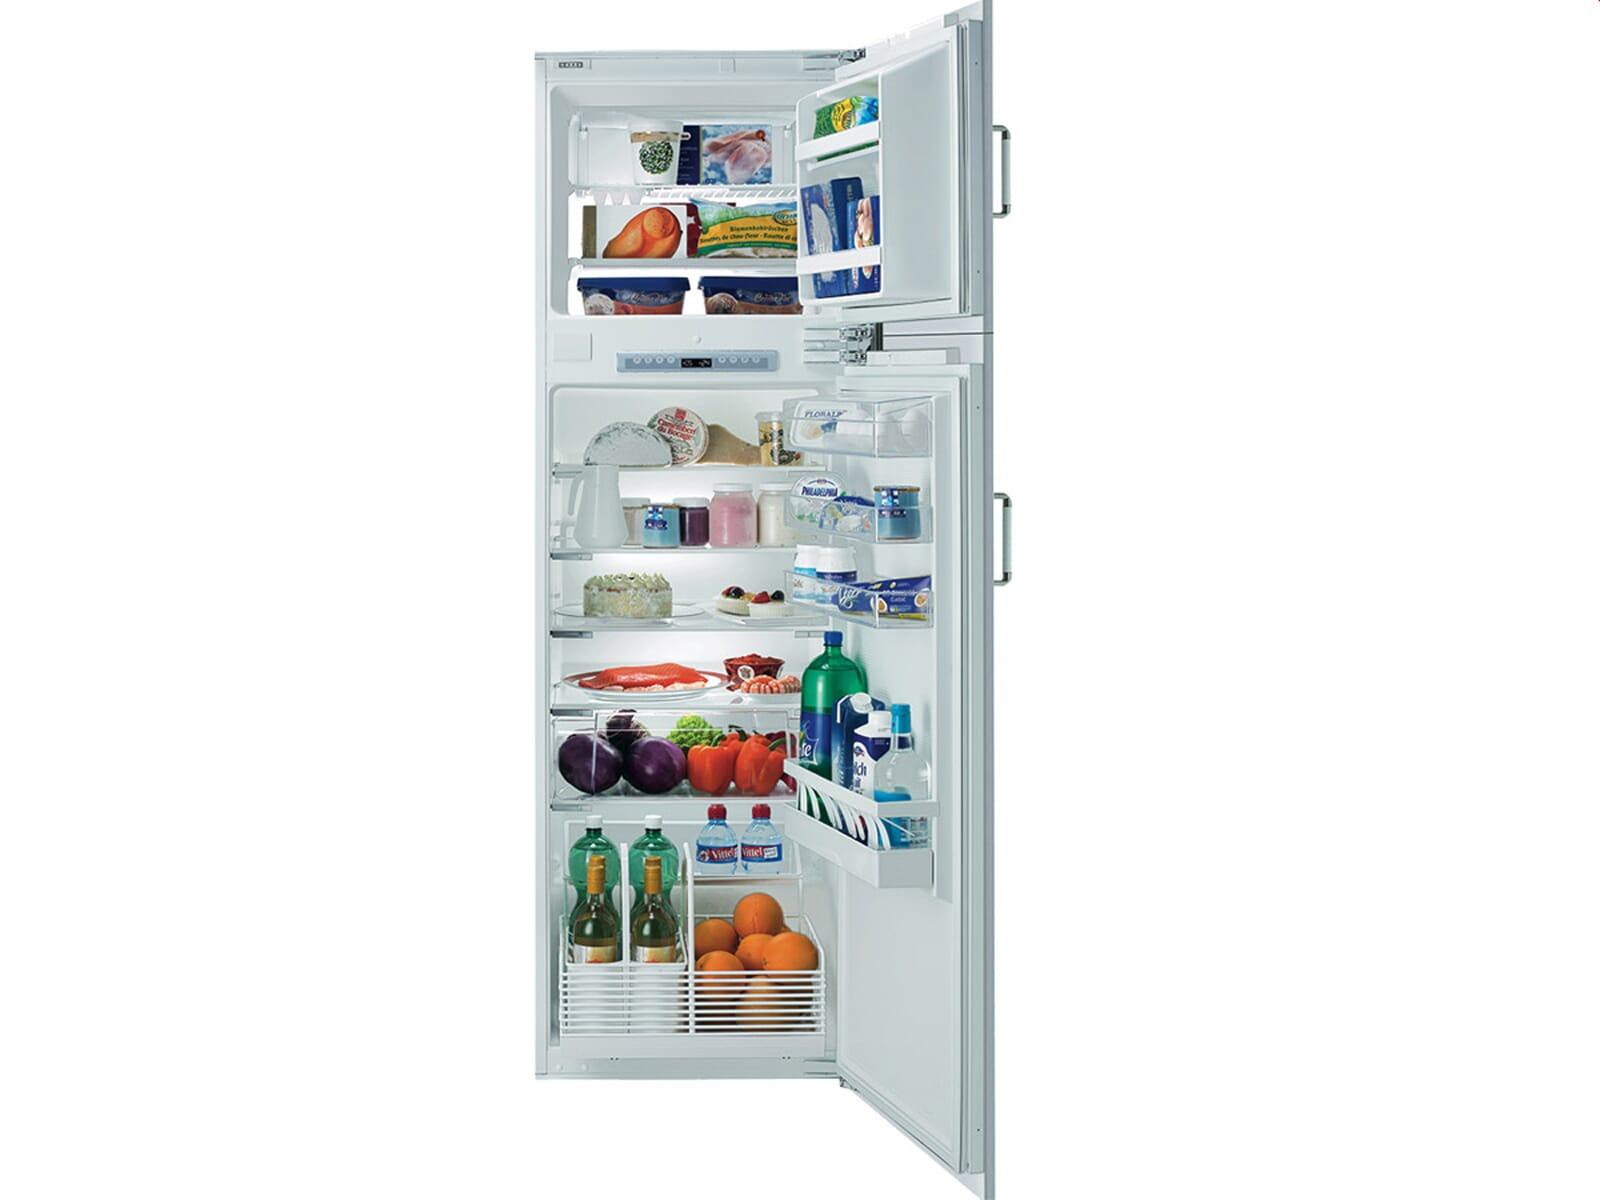 Amerikanischer Kühlschrank Anschlüsse : V zug noblesse kühlschrank bedienungsanleitung britton jennifer blog